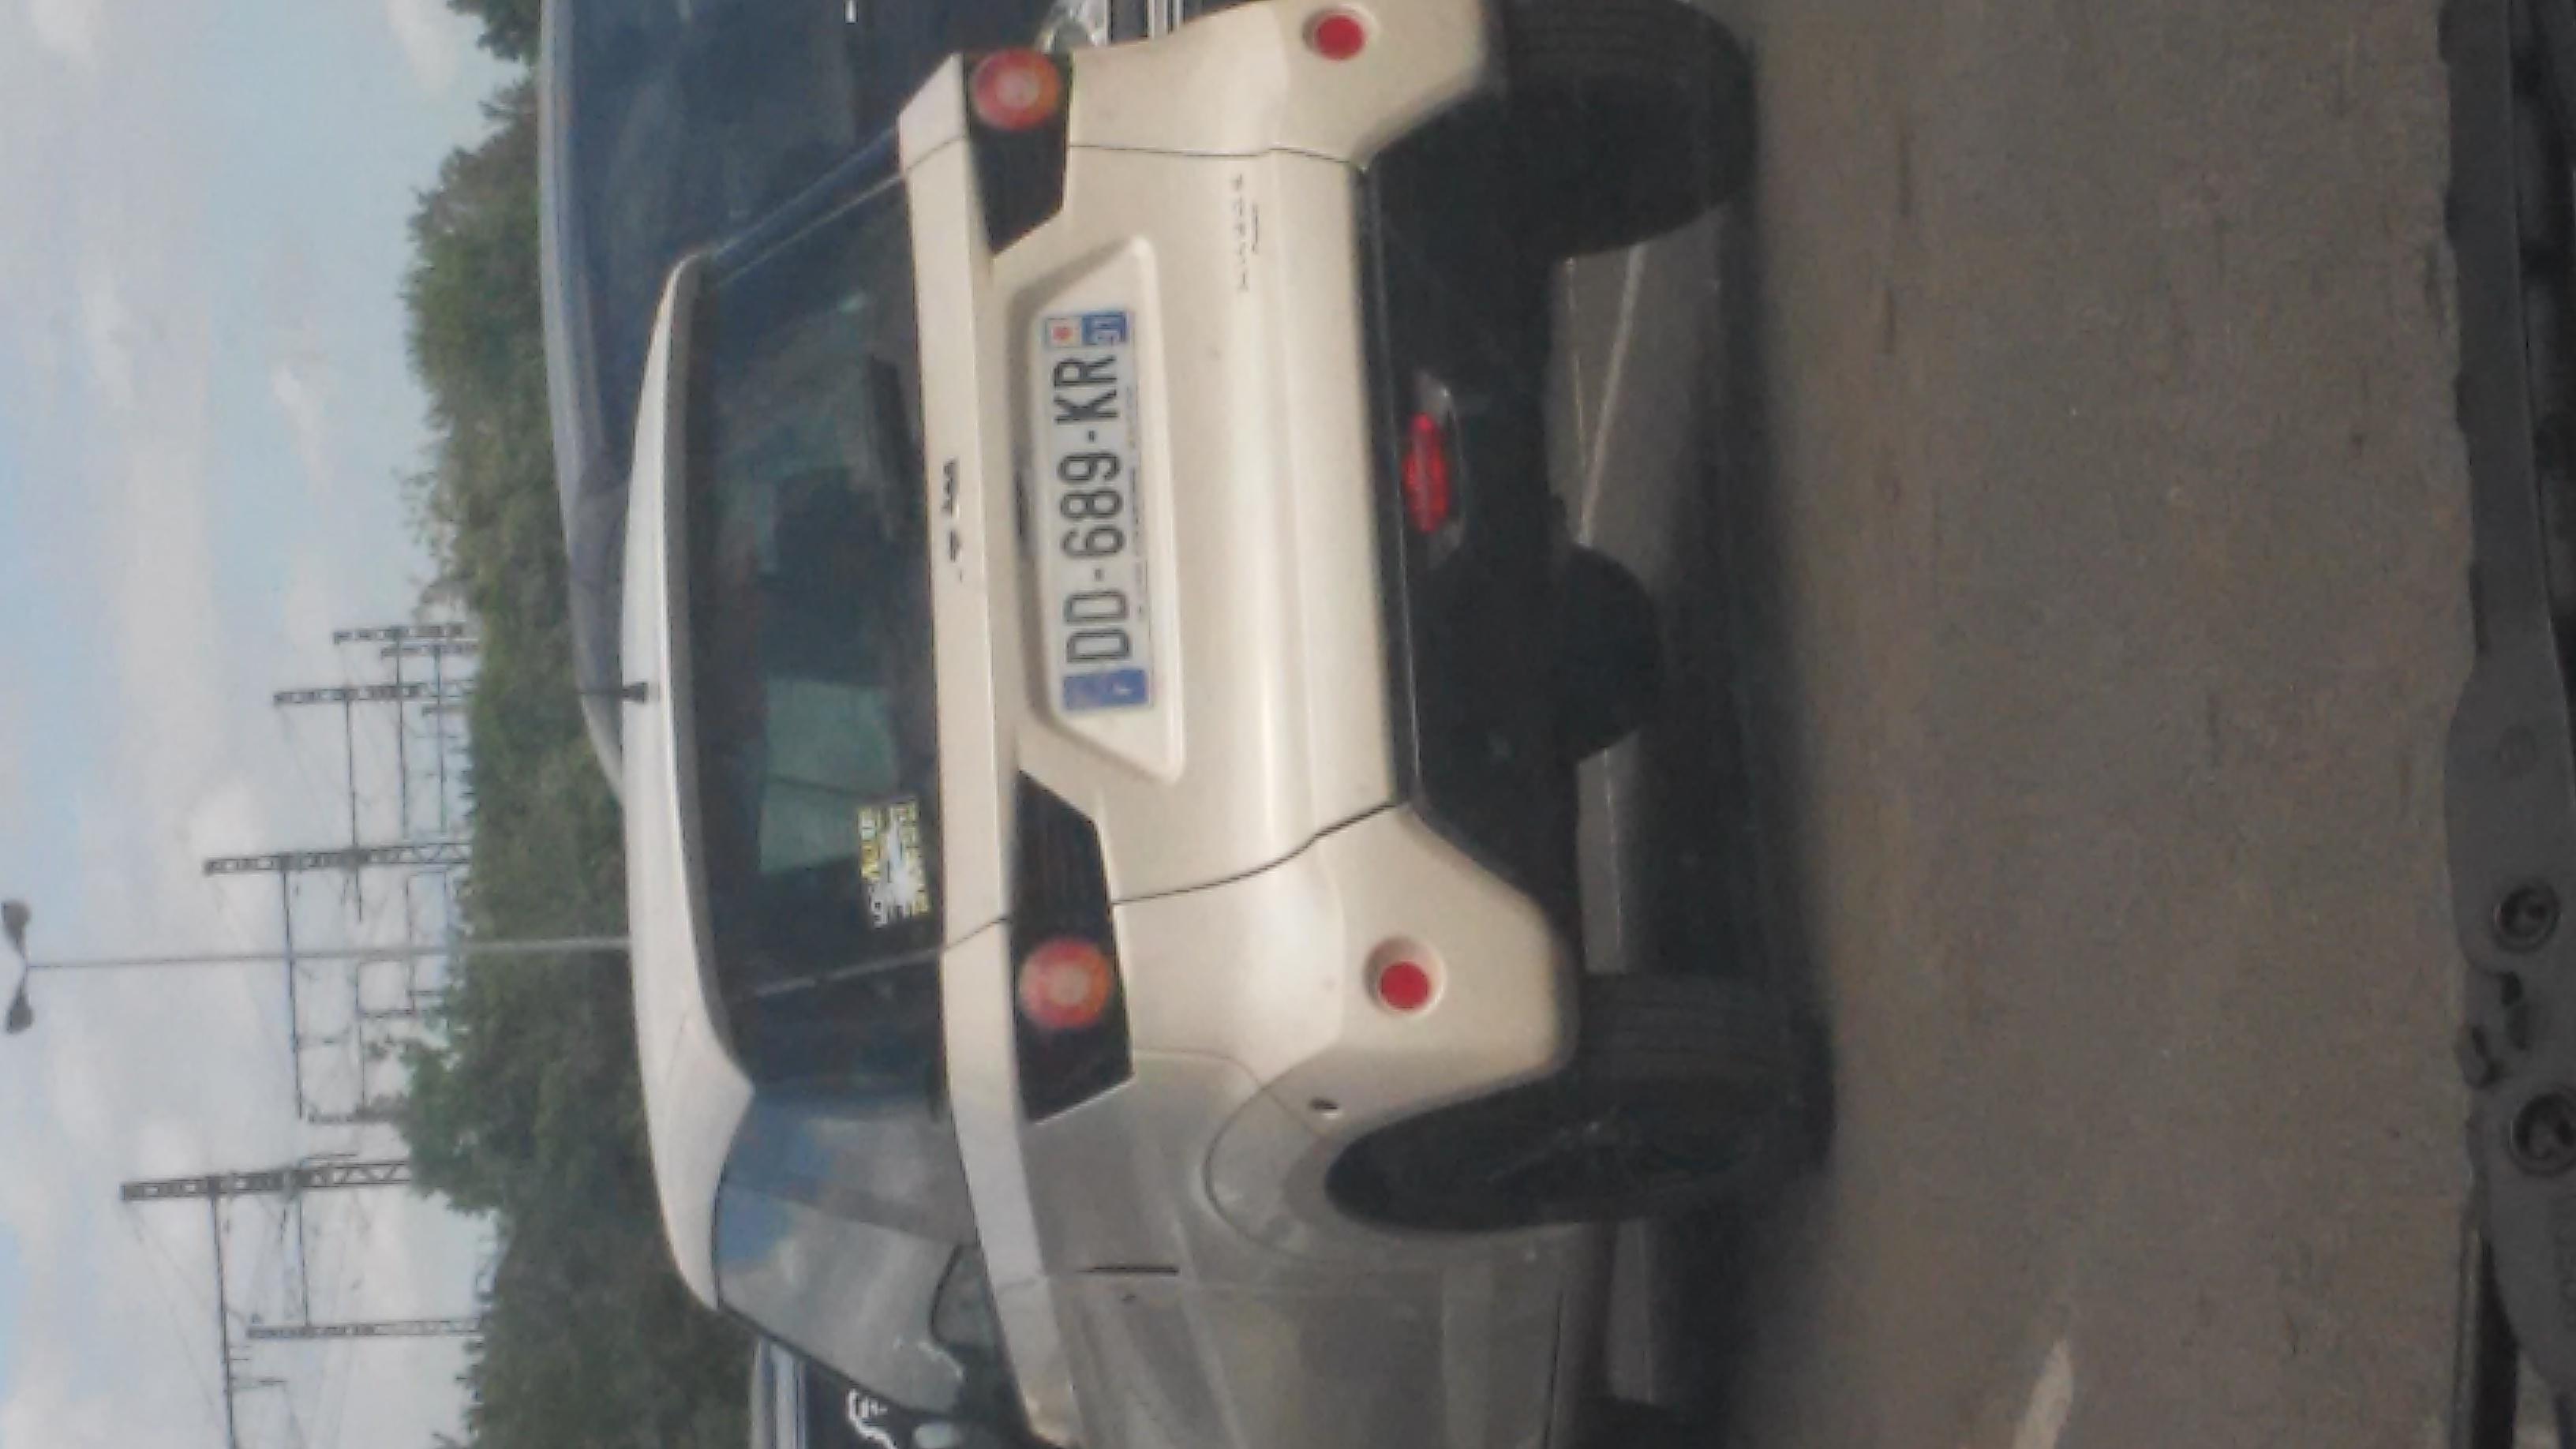 Ce Qu 39 On Peut Voir Sur Un Parking Sur Le Forum Automobiles 10 05 2015 19 50 34